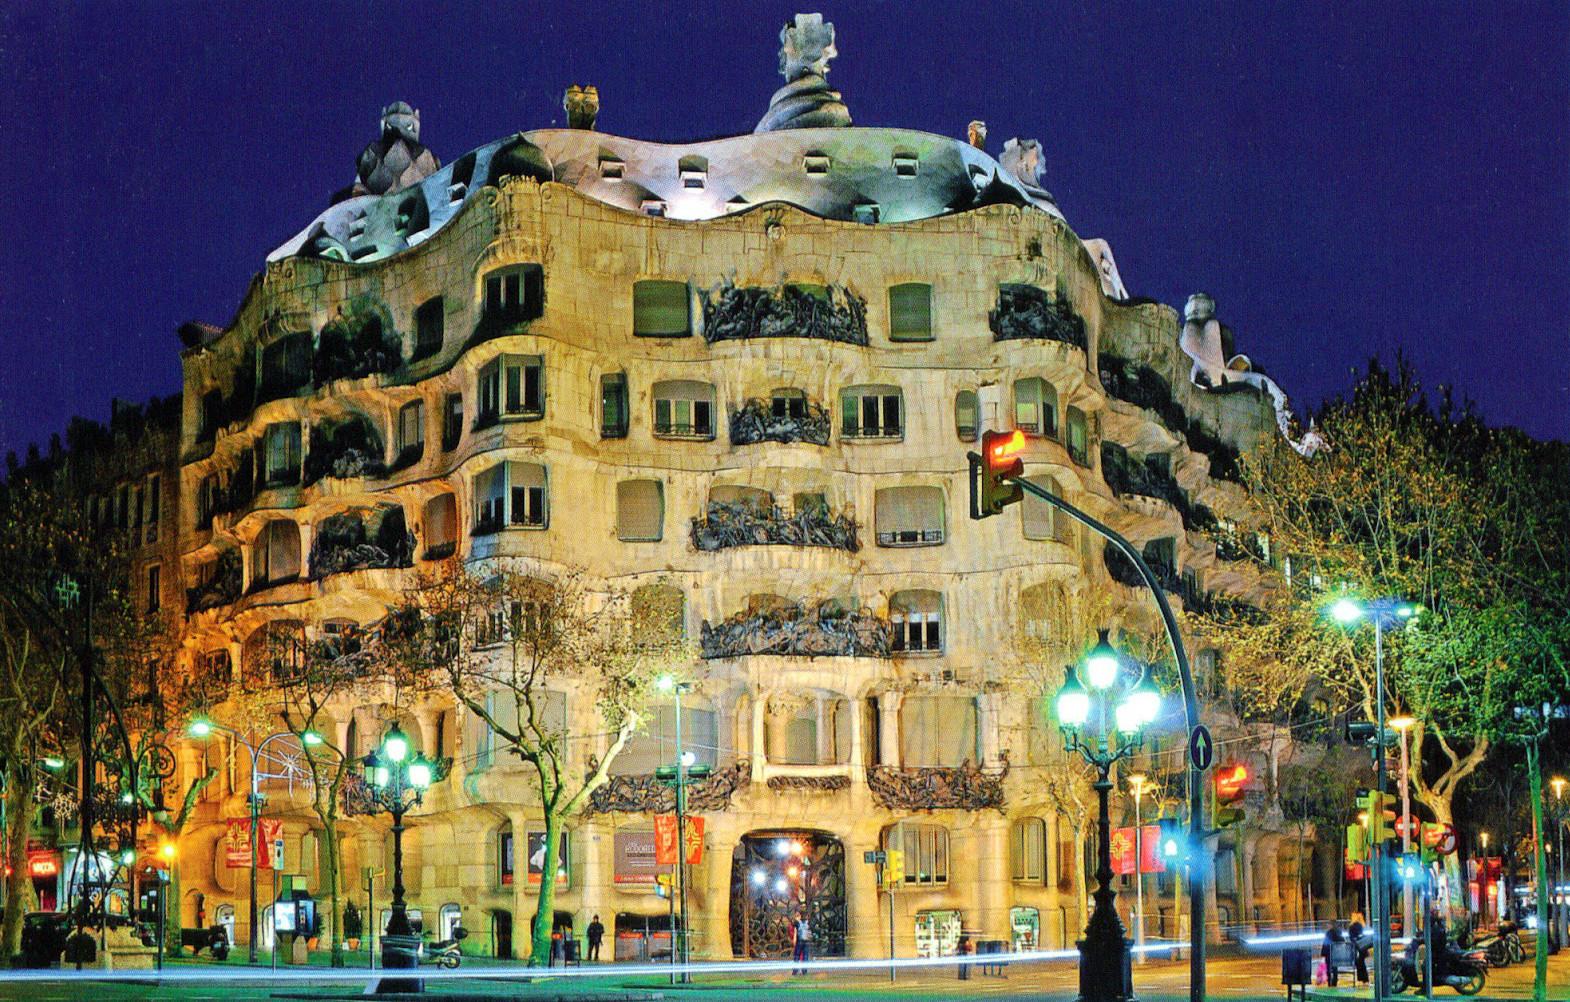 Casa Mila La Pedrera A Gaudi Building Barcelona on San Antonio Floor Plans